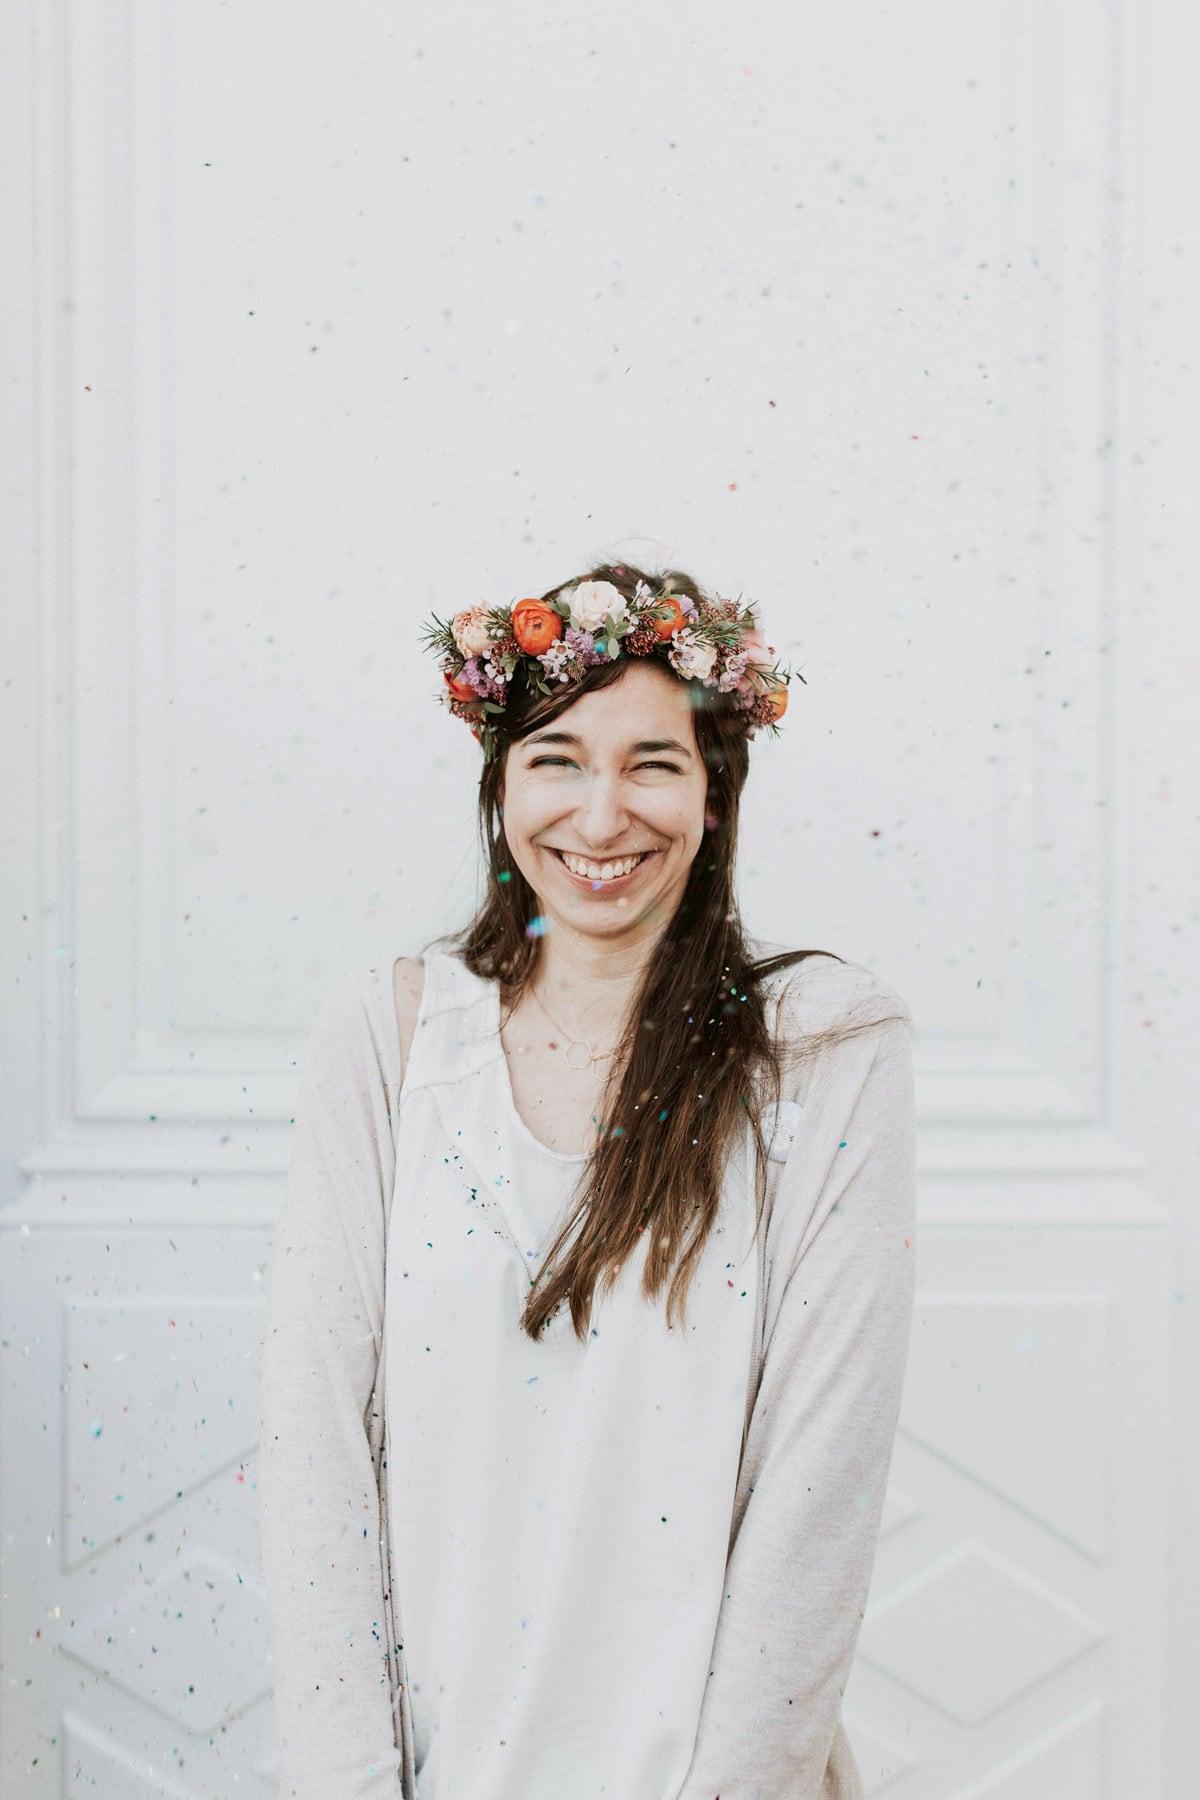 photographe mariage lifestyle grossesse famille naissance bébé evjf bordeaux fineart french sarah miramon